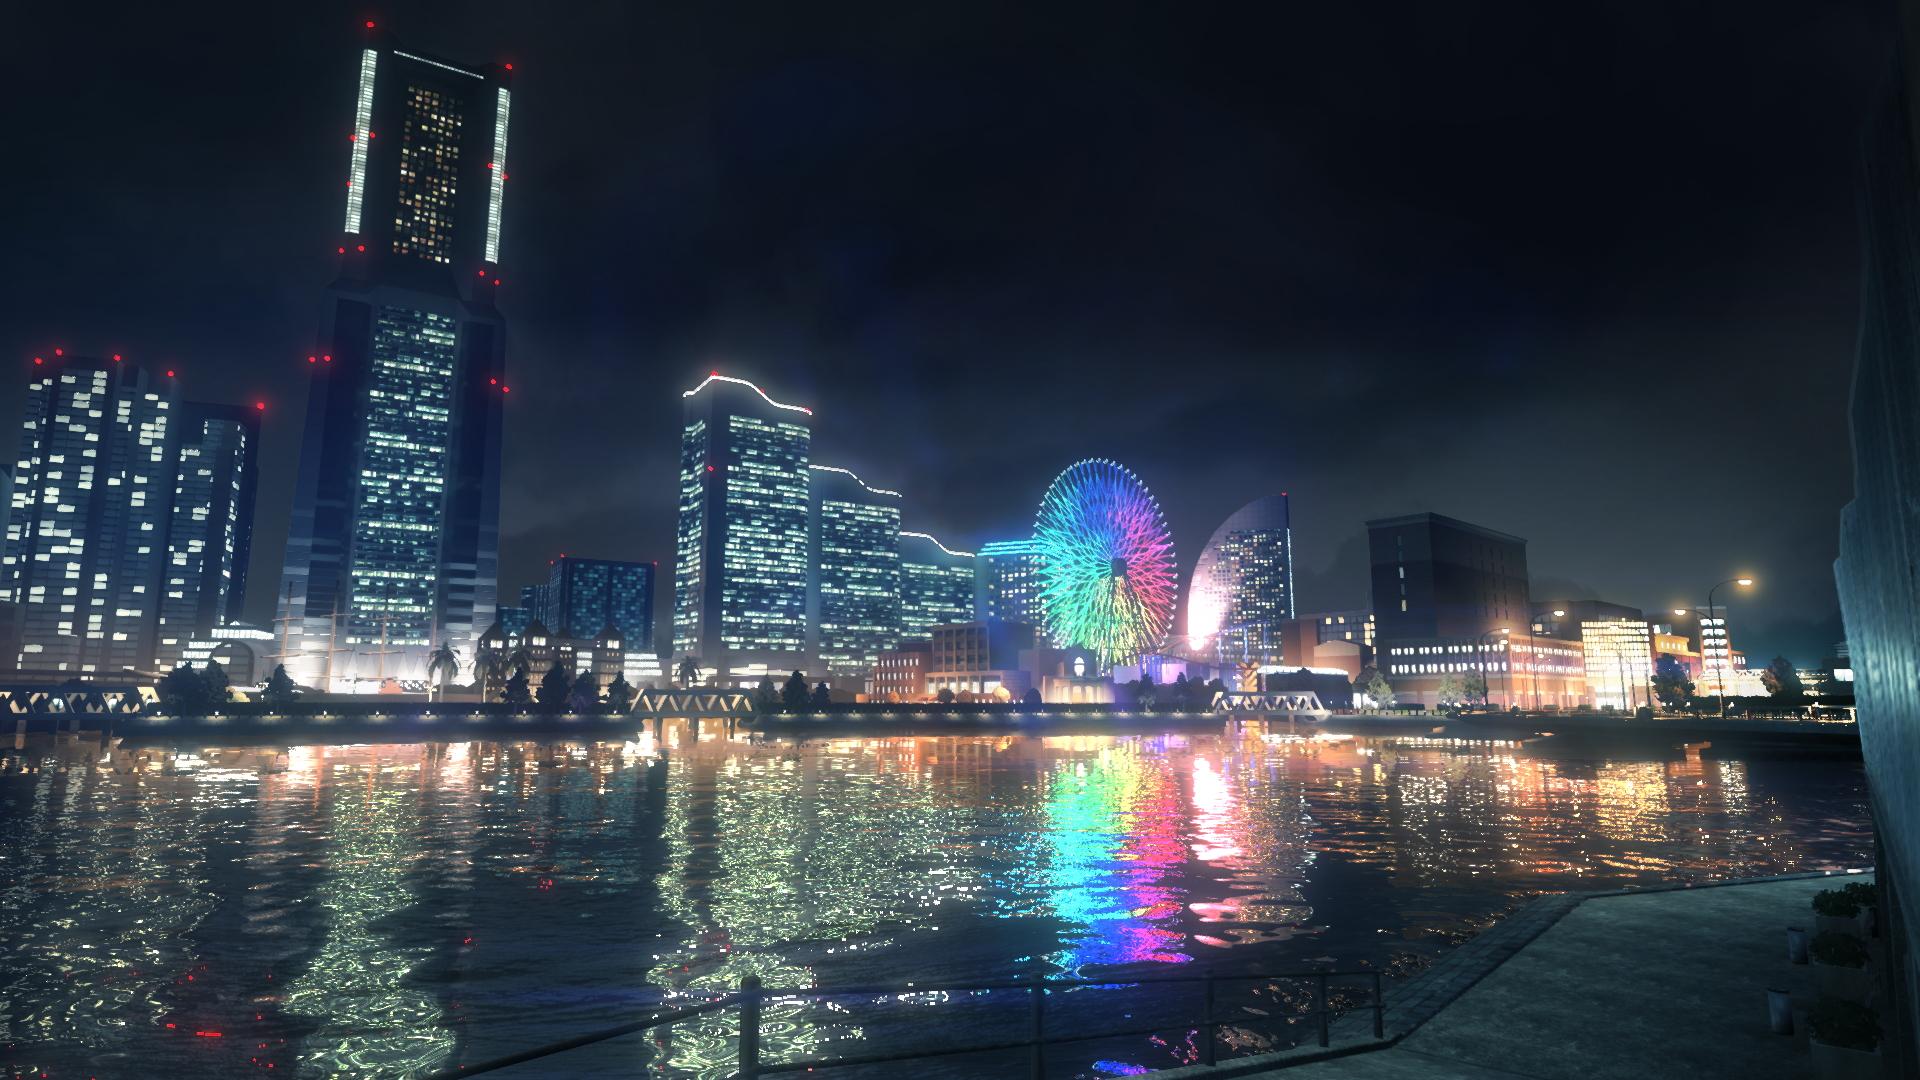 Yokohama at night.